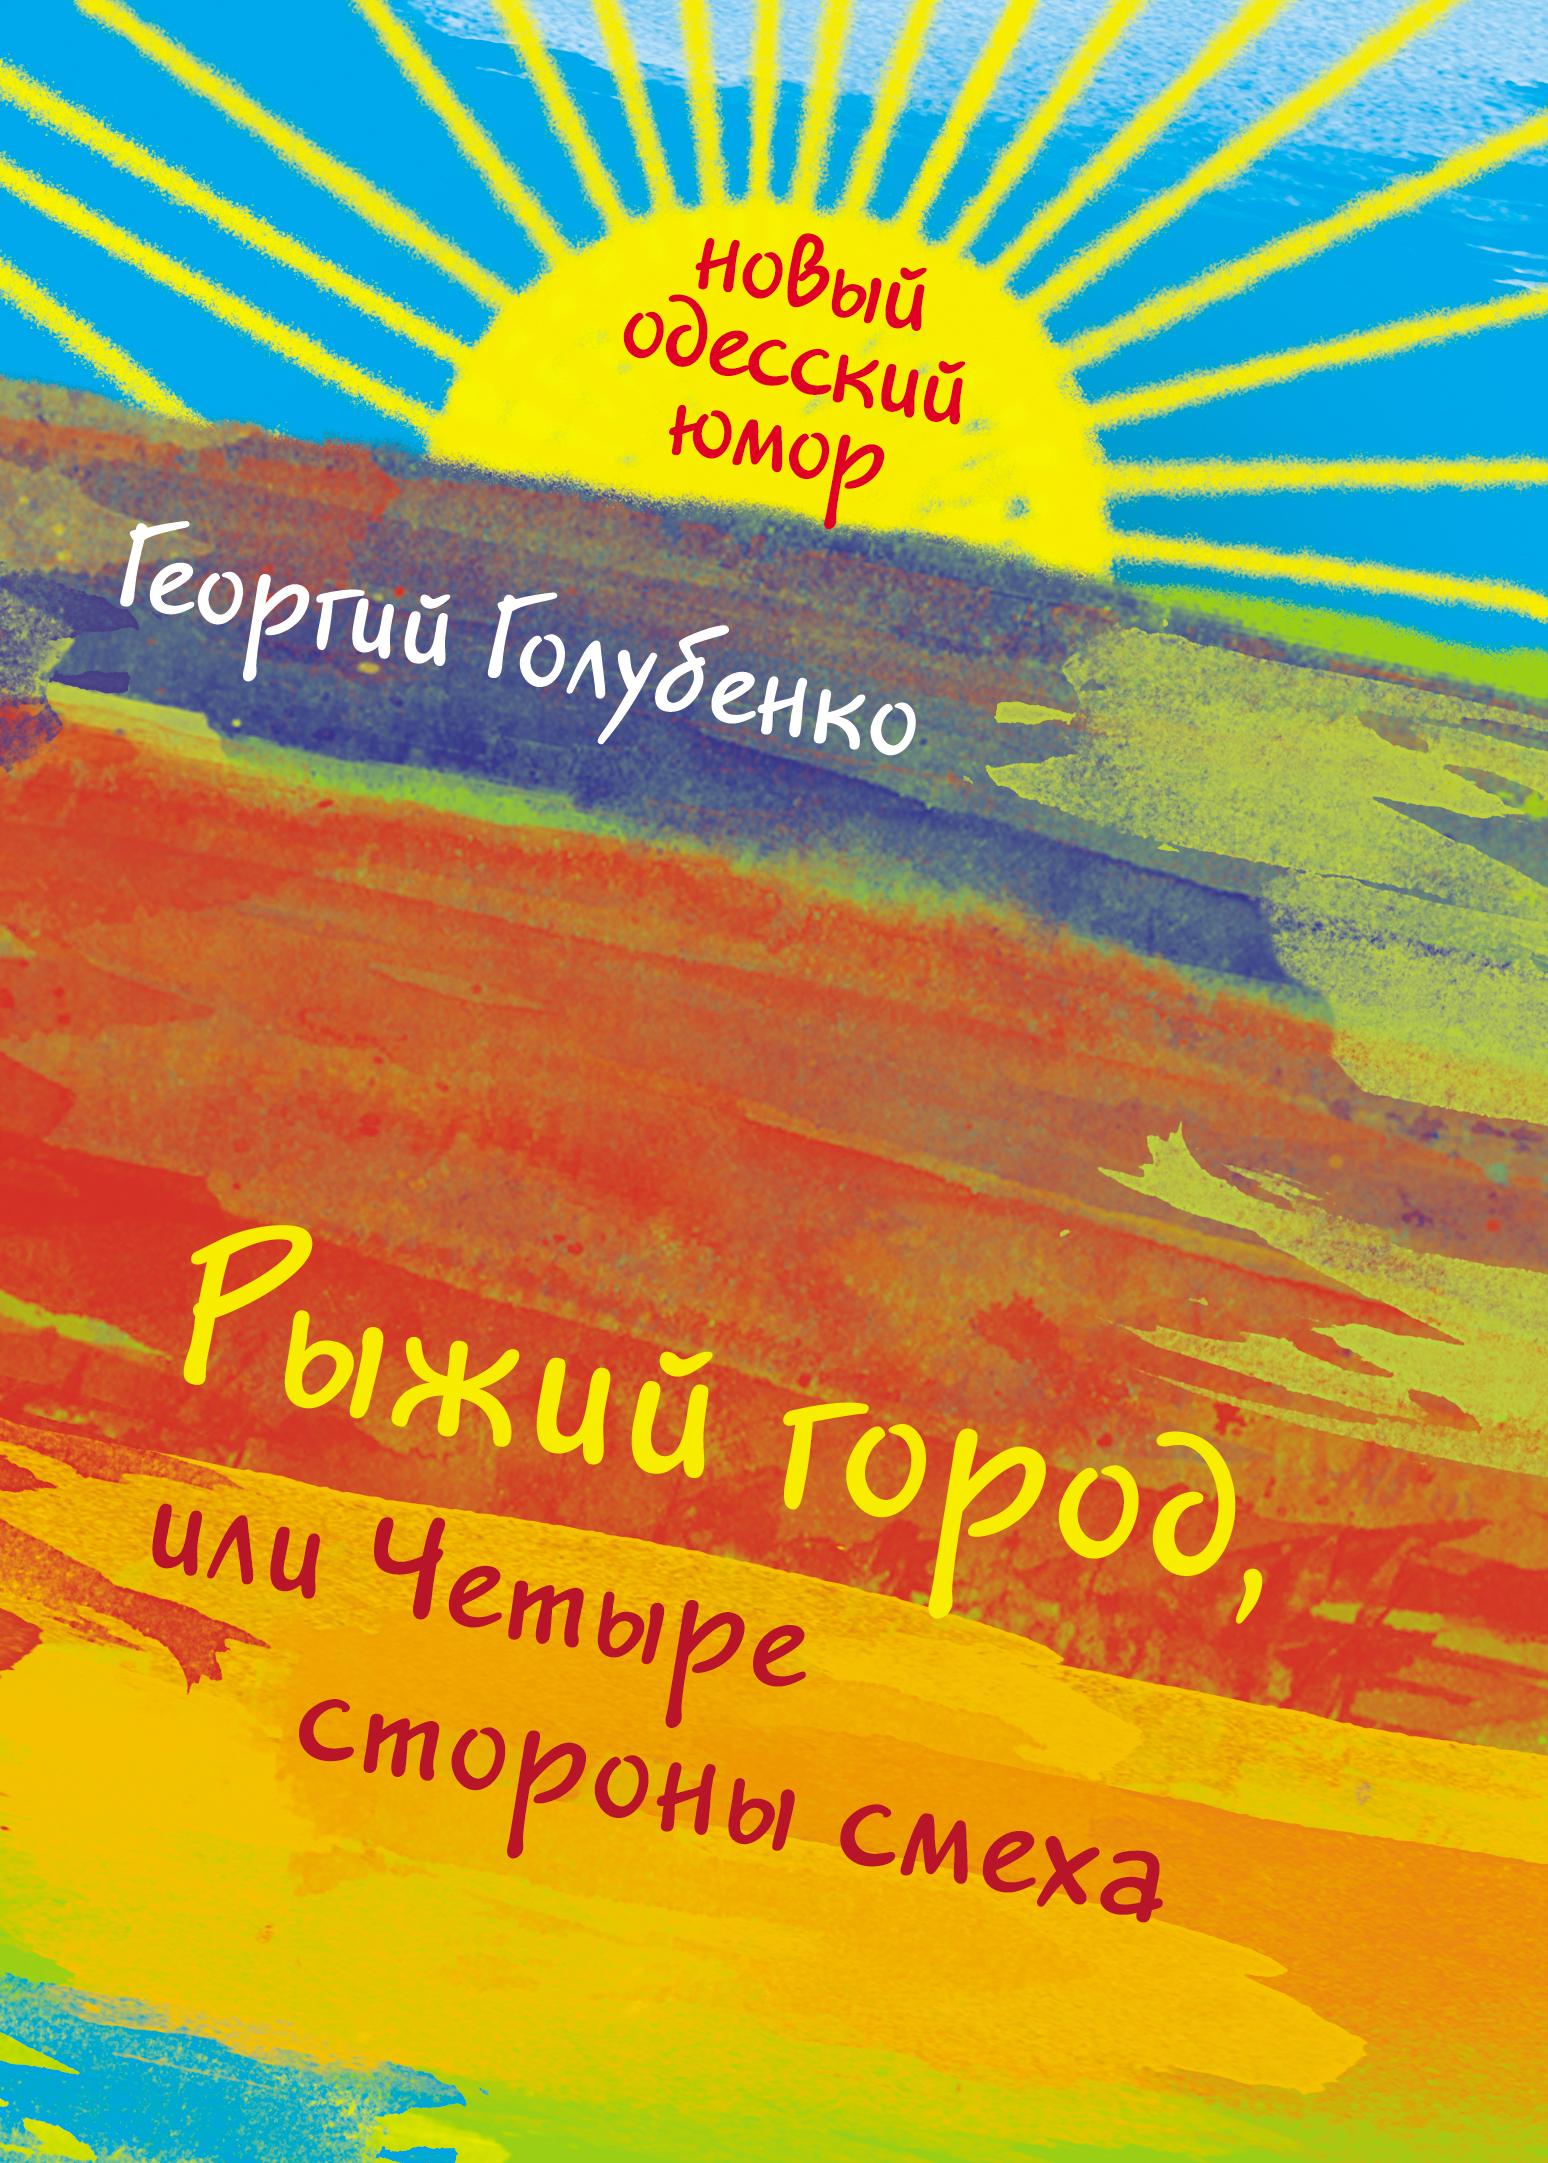 Георгий Голубенко Рыжий город, или Четыре стороны смеха (сборник) барбекю одесса